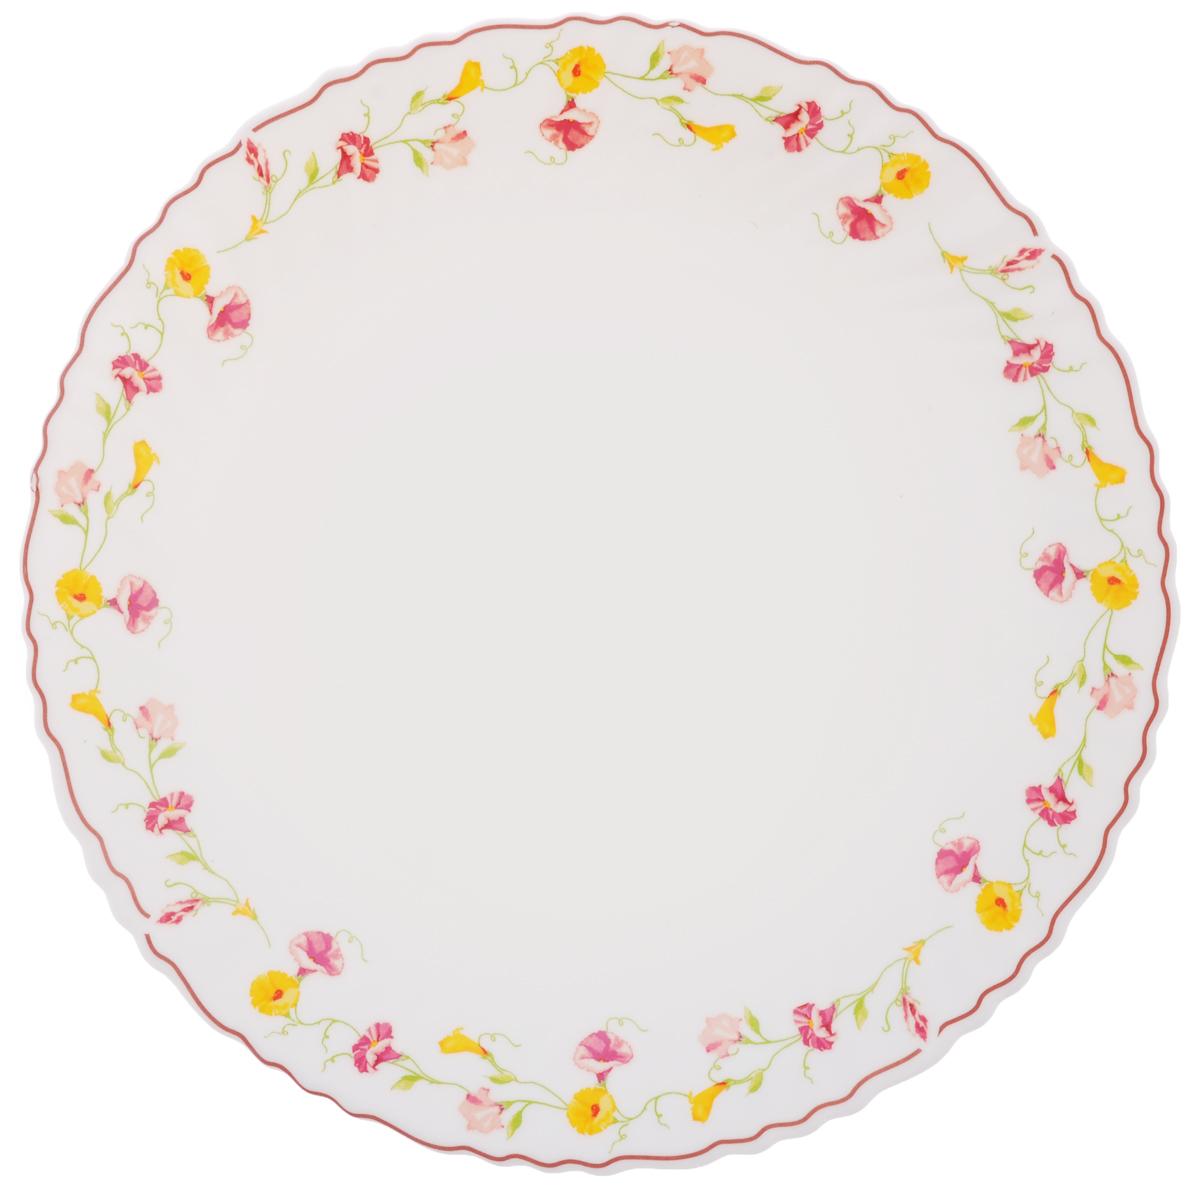 Тарелка обеденная Chinbull Эльзас, диаметр 24 см54 009312Обеденная тарелка Chinbull Эльзас, изготовленная из высококачественной стеклокерамики, украшена ярким цветочным рисунком. Изящный дизайн придется по вкусу и ценителям классики, и тем, кто предпочитает утонченность. Тарелка Chinbull Эльзас идеально подойдет для сервировки стола и станет отличным подарком к любому празднику.Диаметр (по верхнему краю): 24 см.